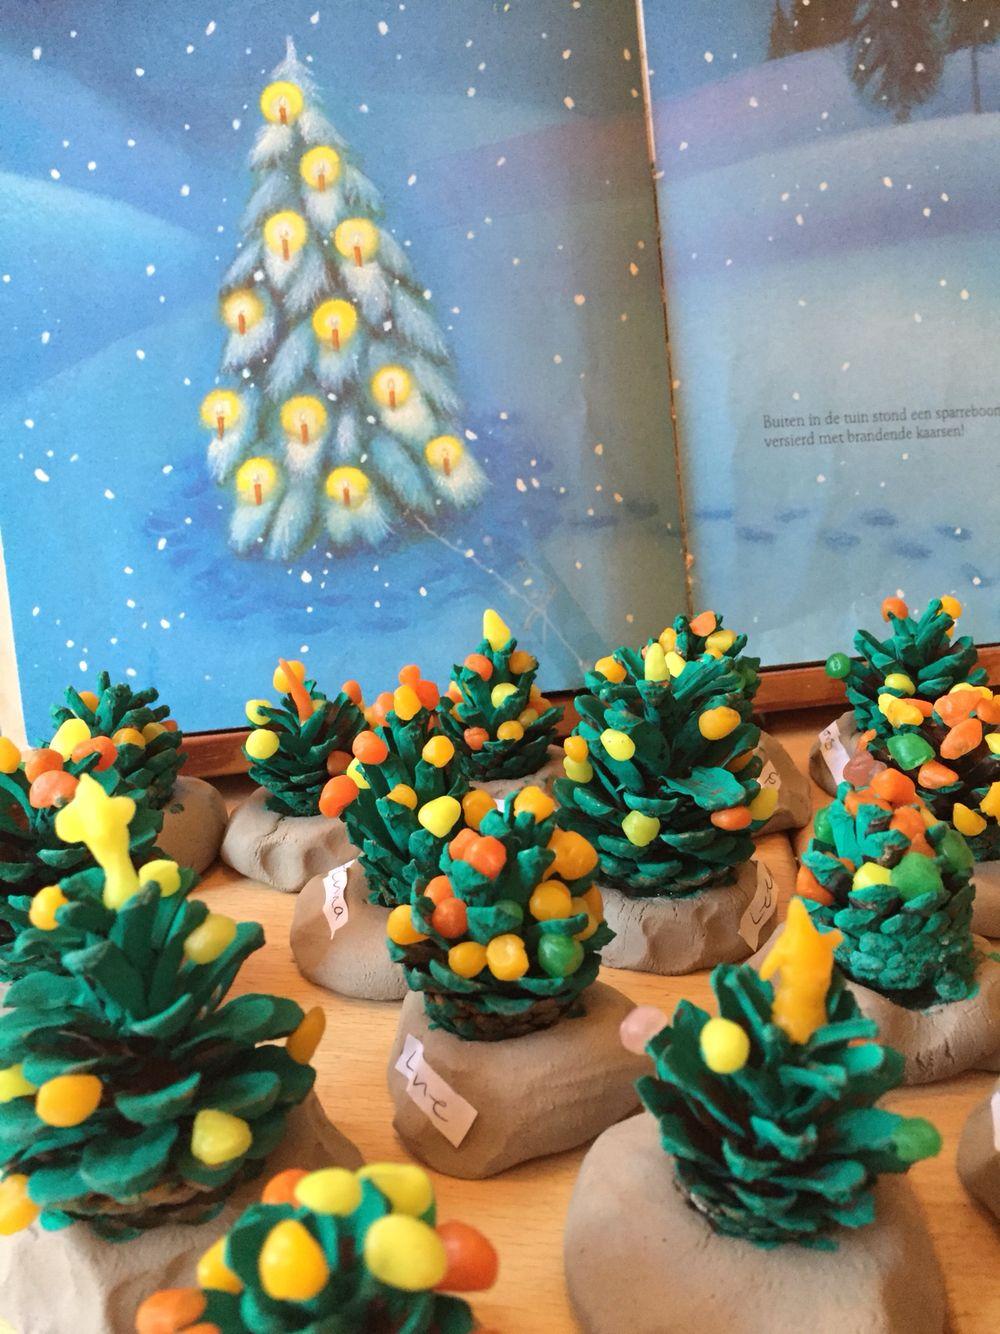 Kerstbomen Dennenappel Schilderen En Versieren Met Bijenwas Kerst Knutselen Winterknutsels Kerst Ideeen